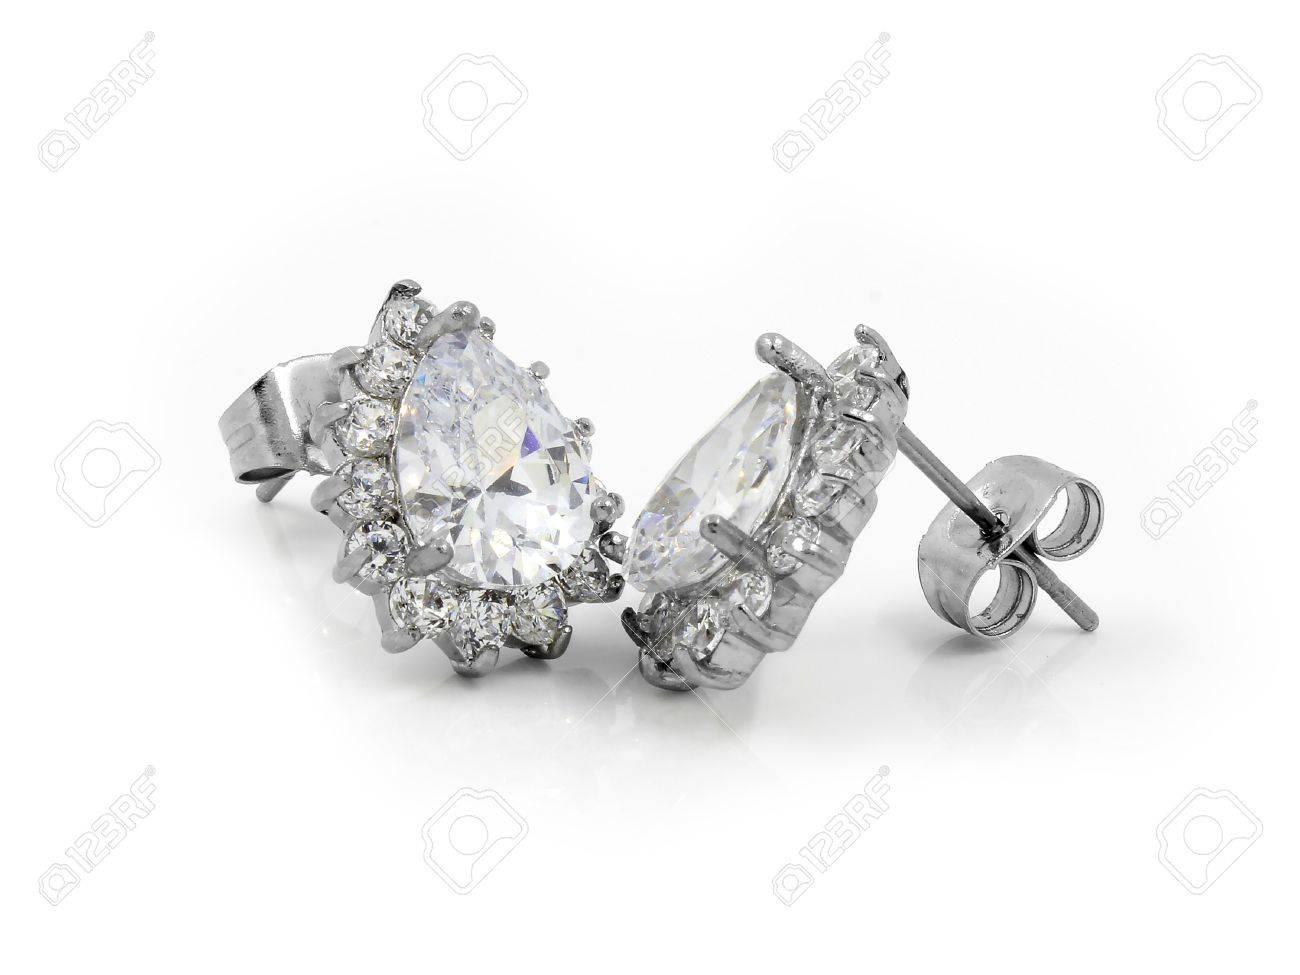 188869bb7216 Pendientes de joyería para mujer - Acero inoxidable